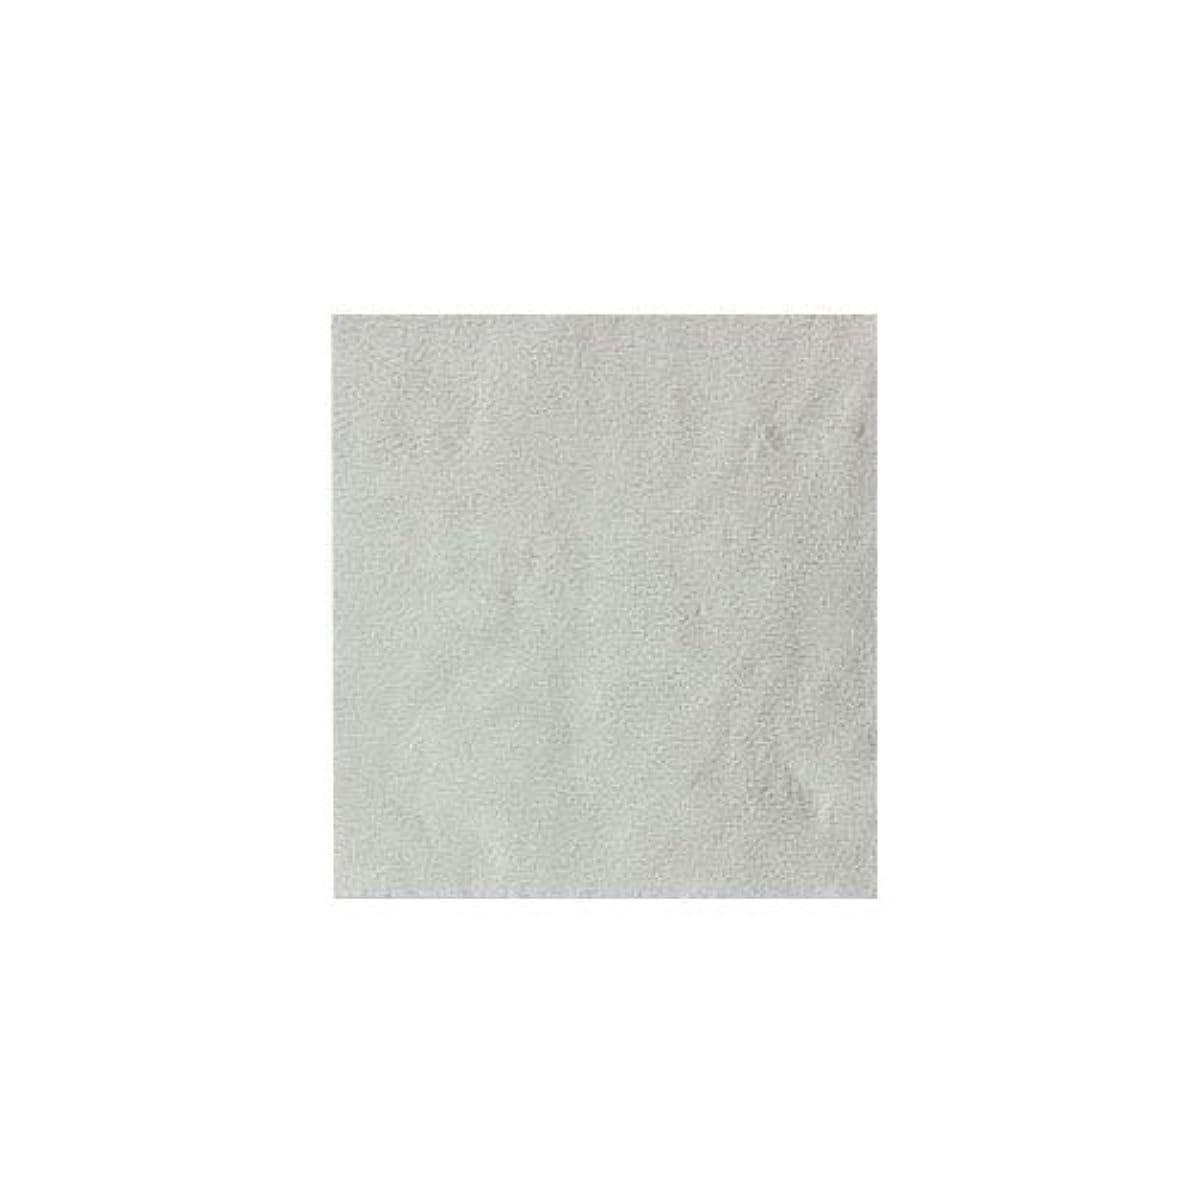 偽年齢ジャンクピカエース ネイル用パウダー パステル銀箔 #640 パステルホワイト 3.5㎜角×5枚